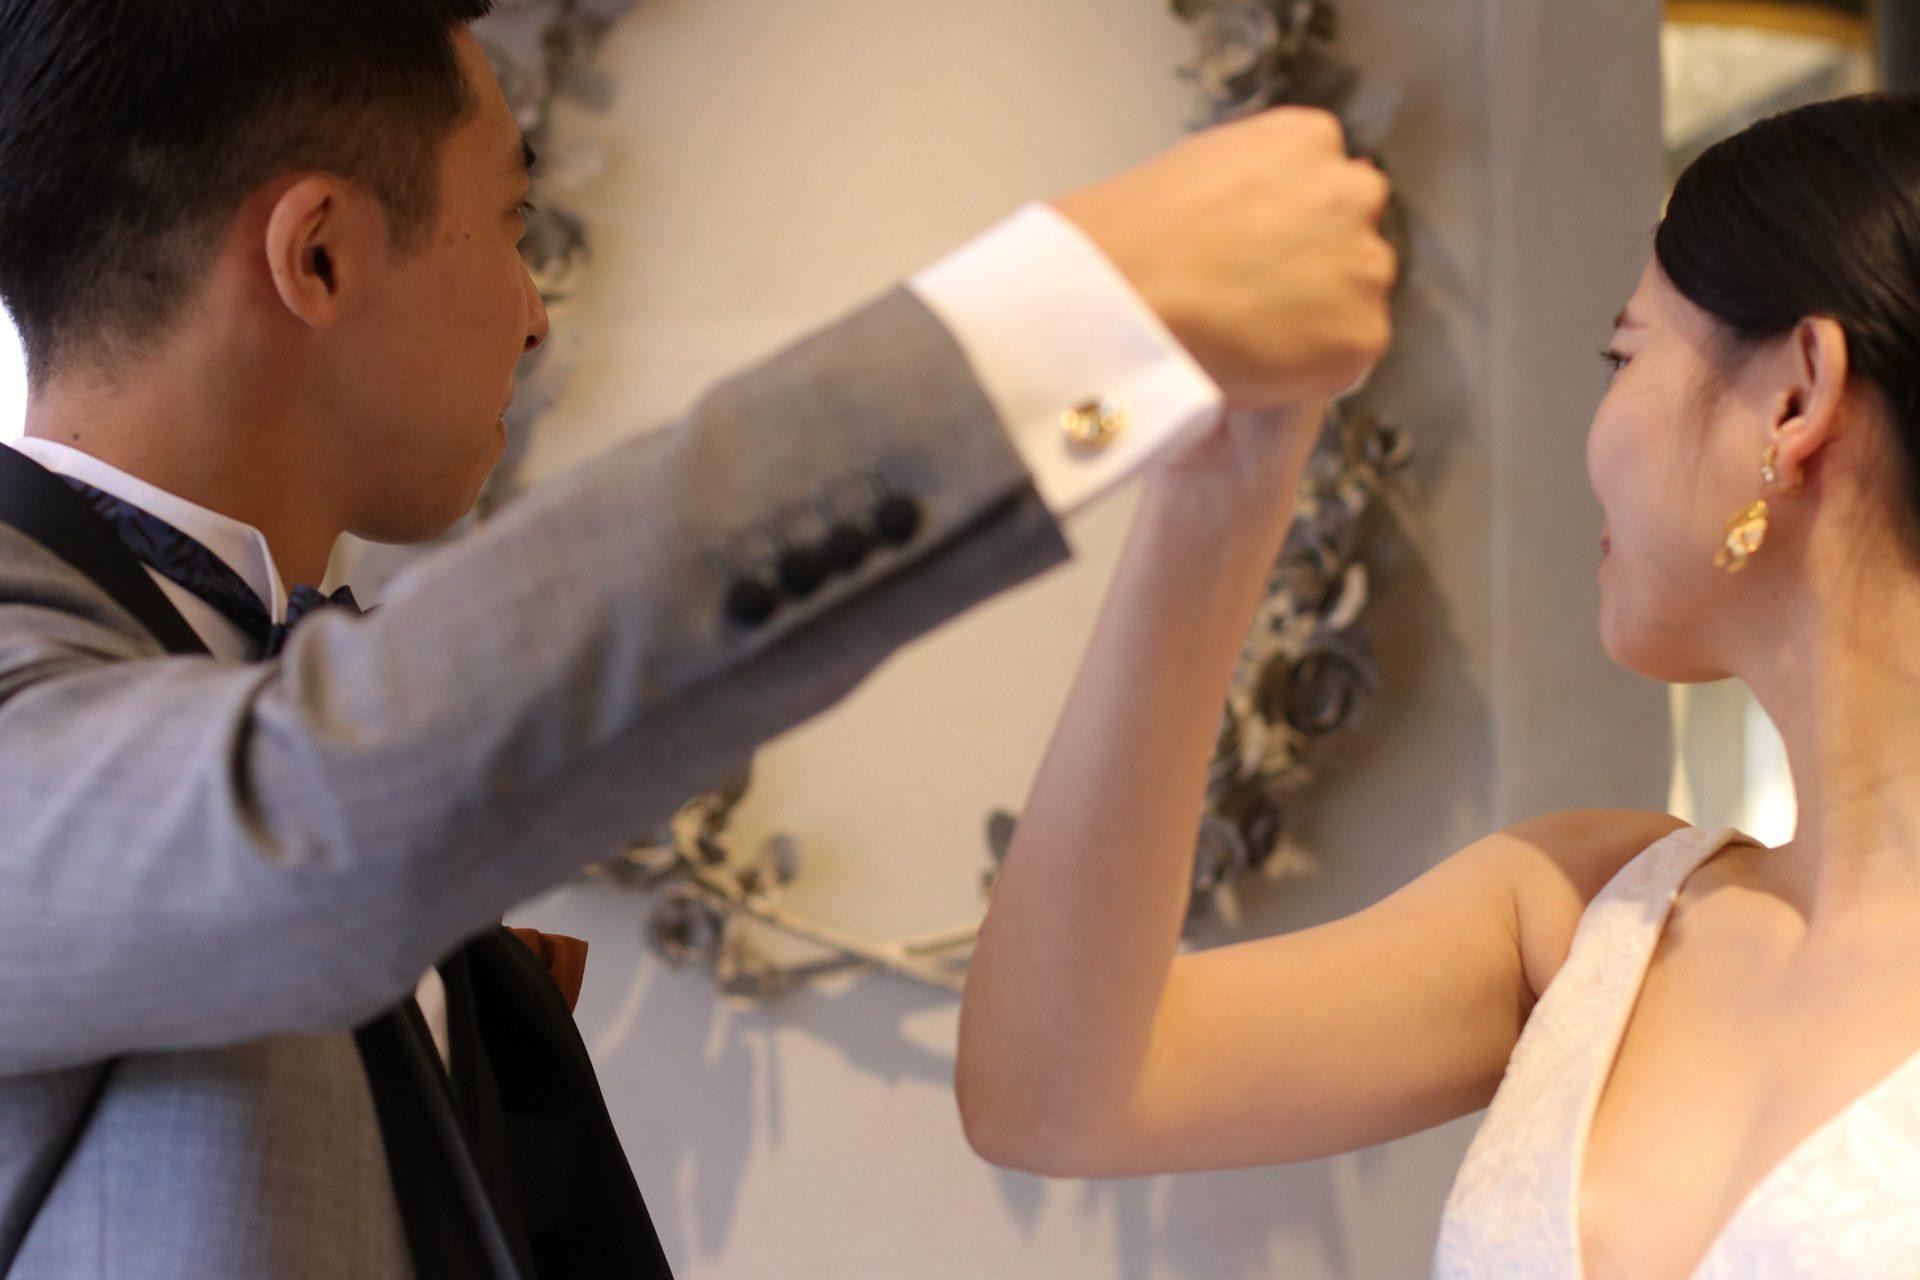 カフリンクスのカラーと結婚指輪、新婦様のイヤリング等のアクセササリーと組み合わせすると、お二人のトータルコーディネートの完成度が上がります